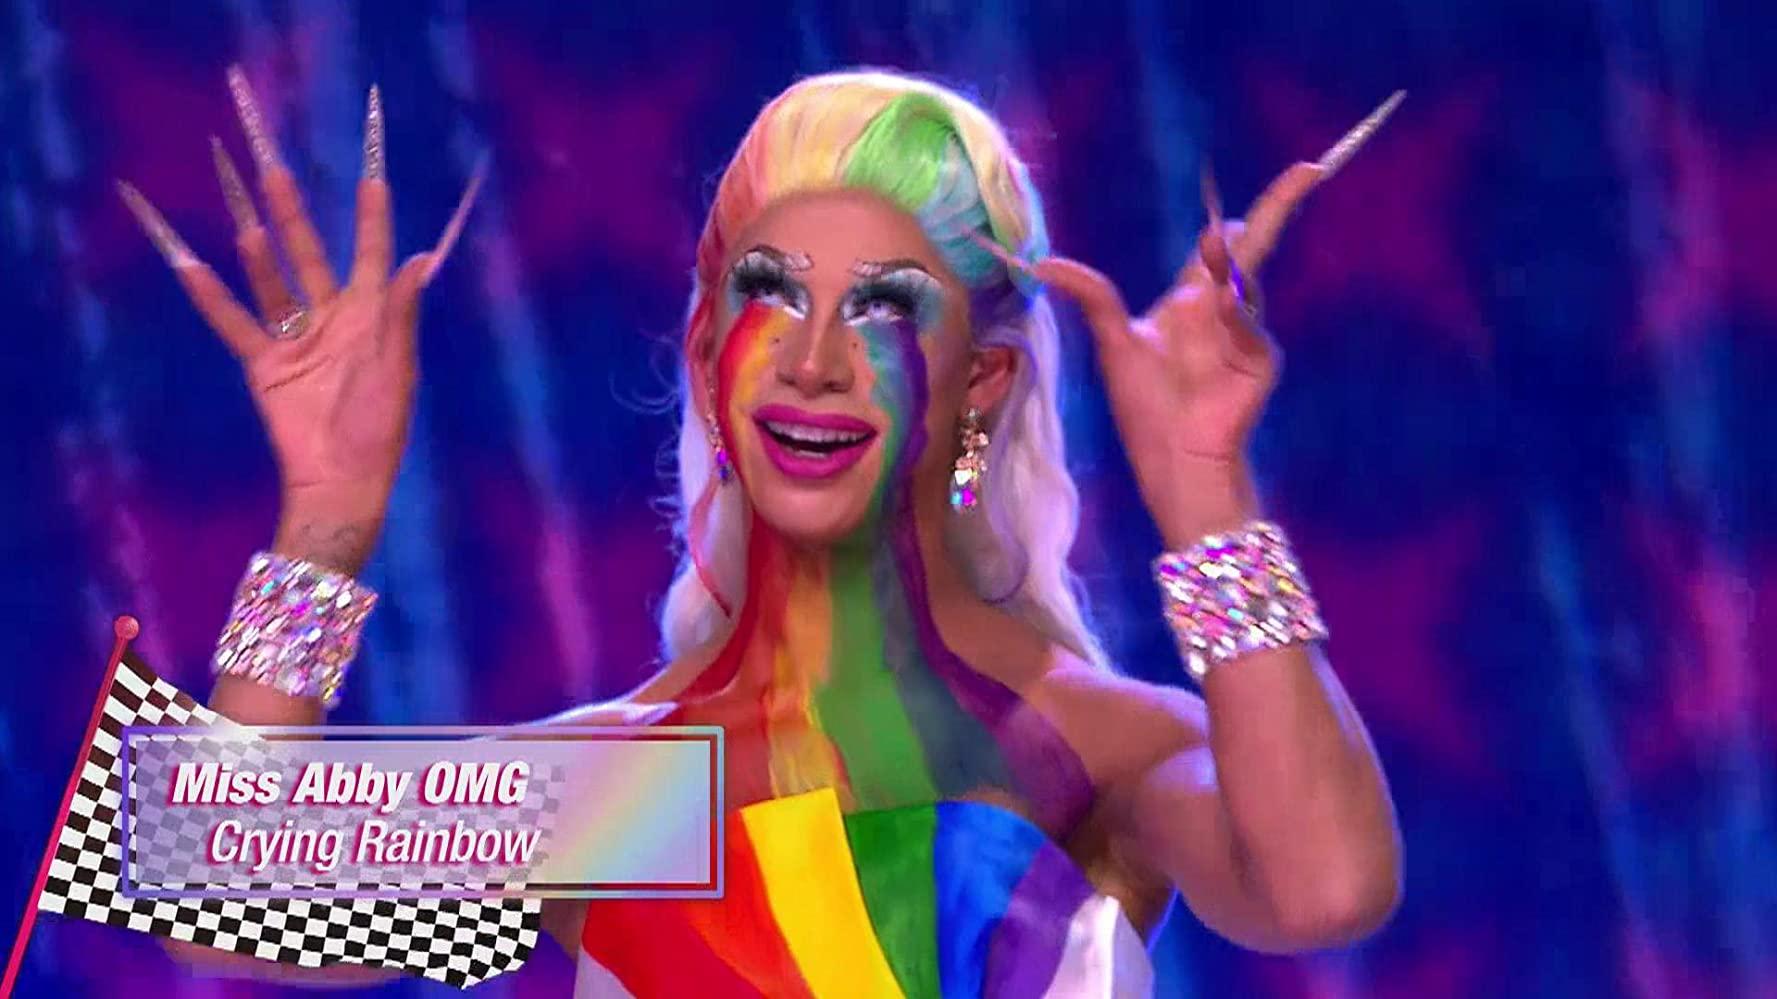 Miss Abby OMG, uma drag queen de pele clara e cabelos loiros sorri com os olhos e as mãos para cima, ela tem as cores do arco-íris pinadas em seu peito, que encontram o tecido do vestido, que mantém o padrão de cores